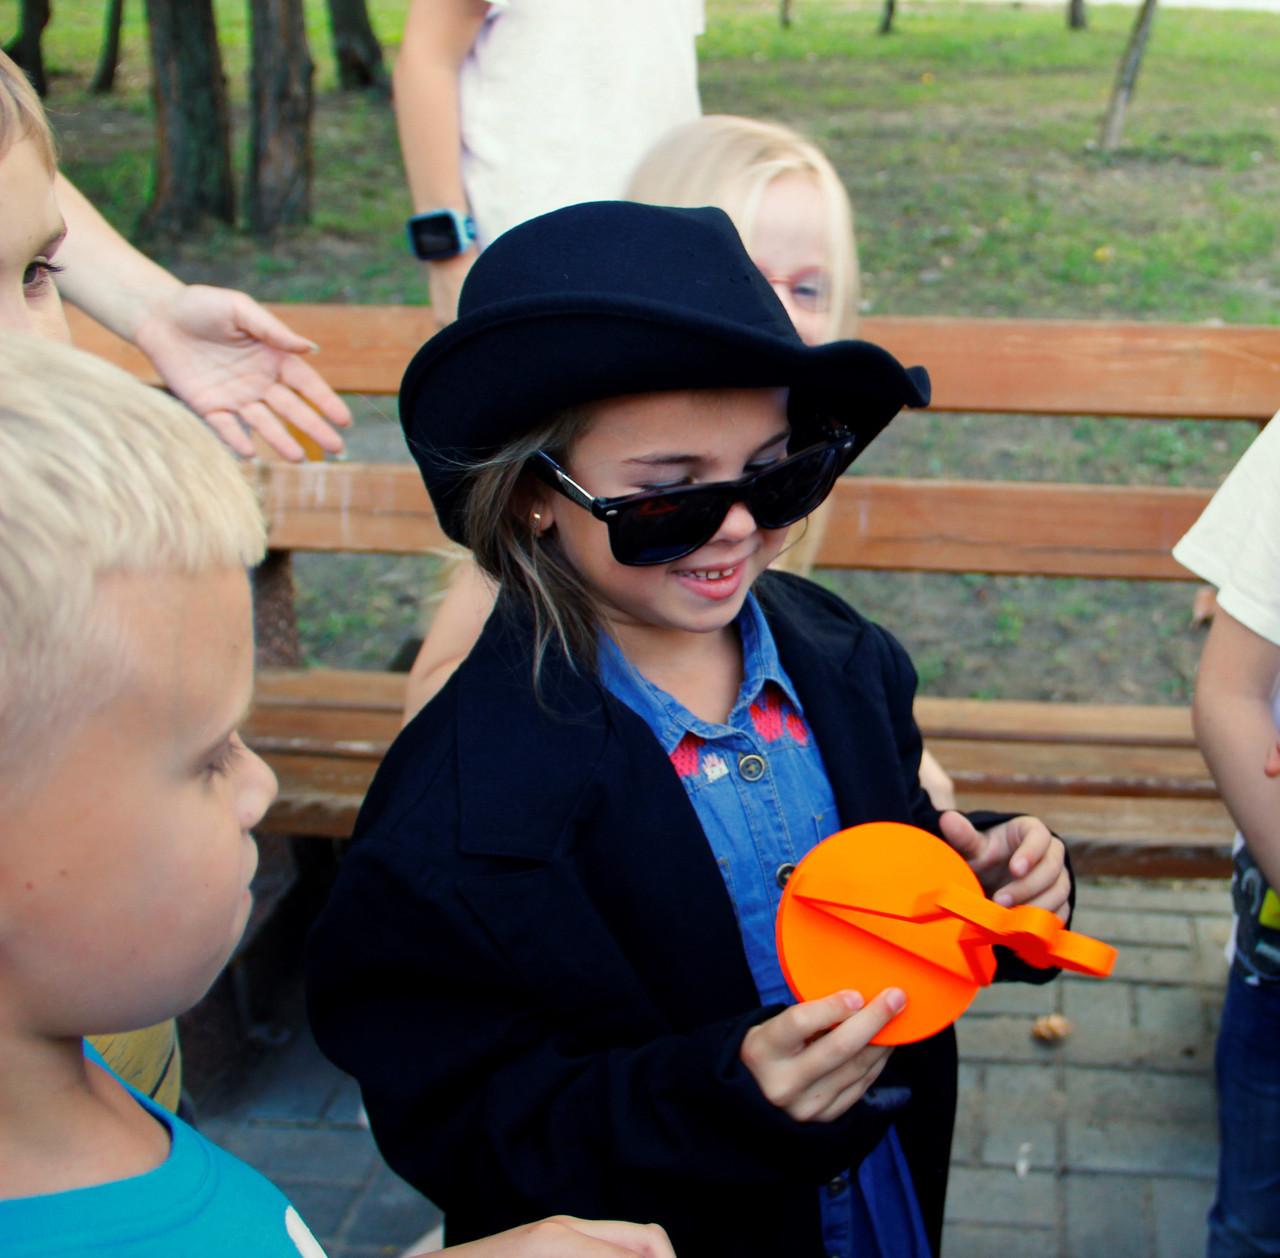 Квест «Тайна саквояжа»   (для детей 6-9 лет) - КВЕСТ В ОТПУСКЕ